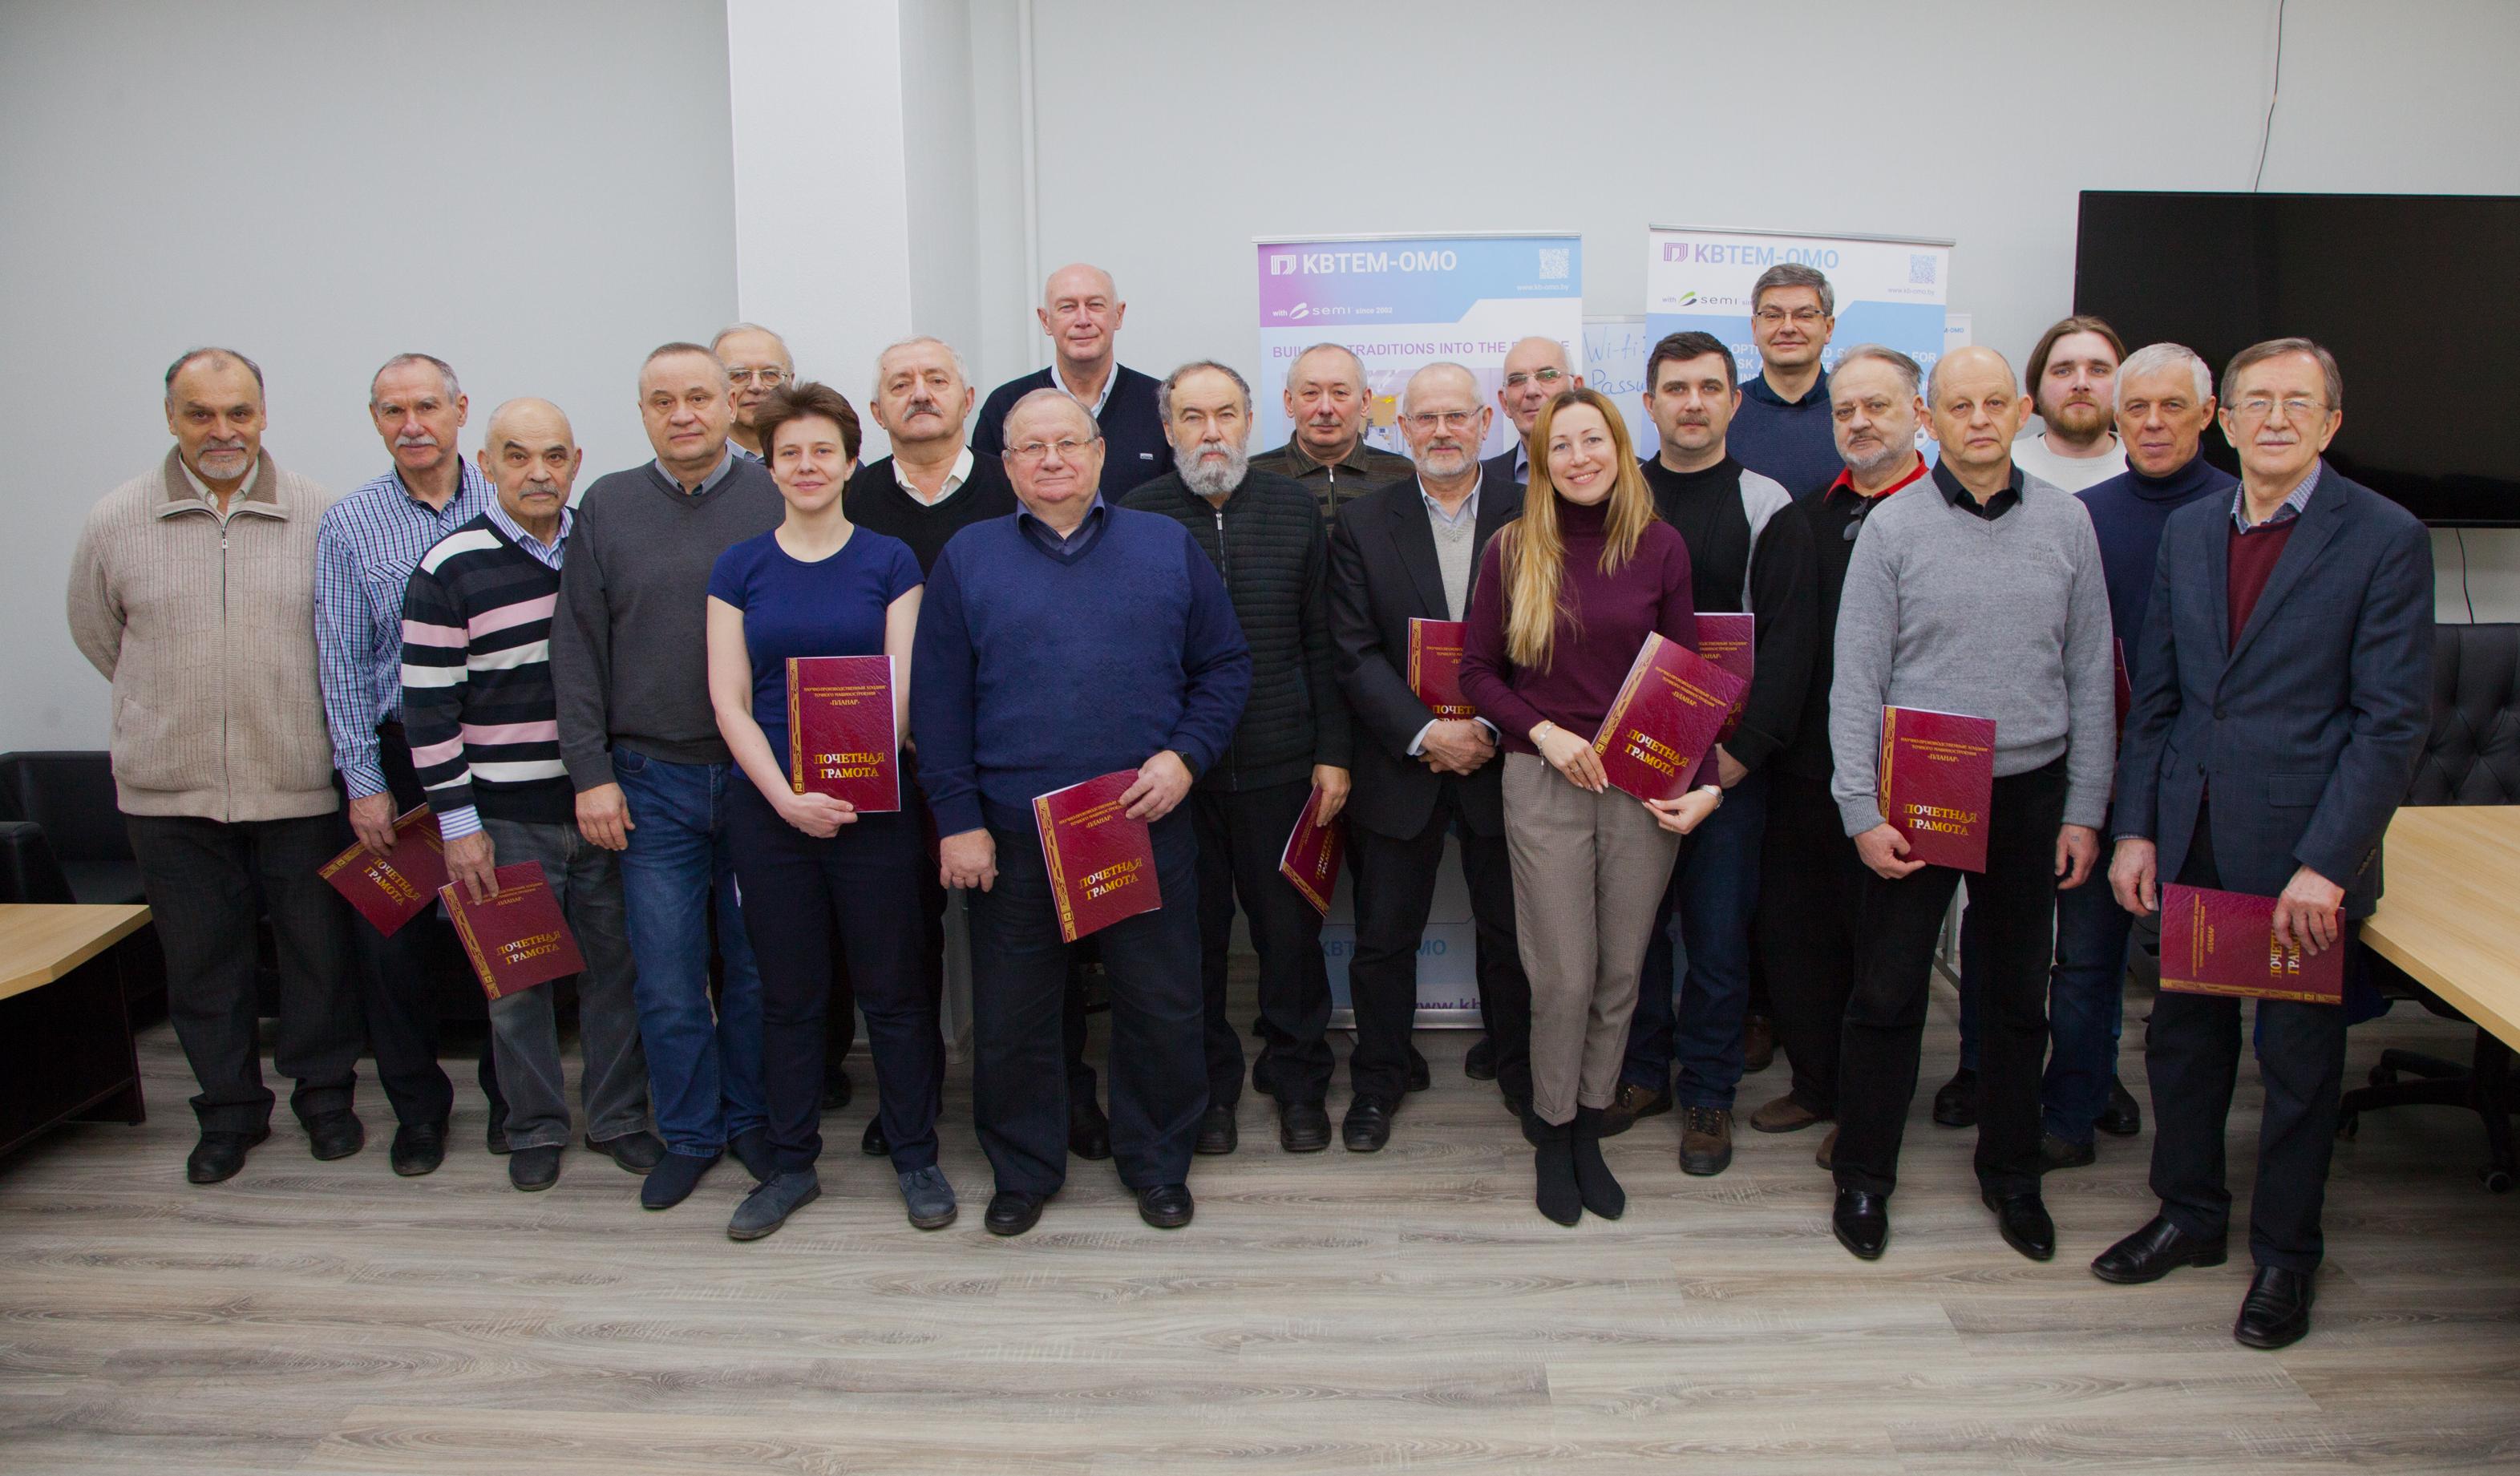 День белорусской науки в ОАО «КБТЭМ-ОМО»